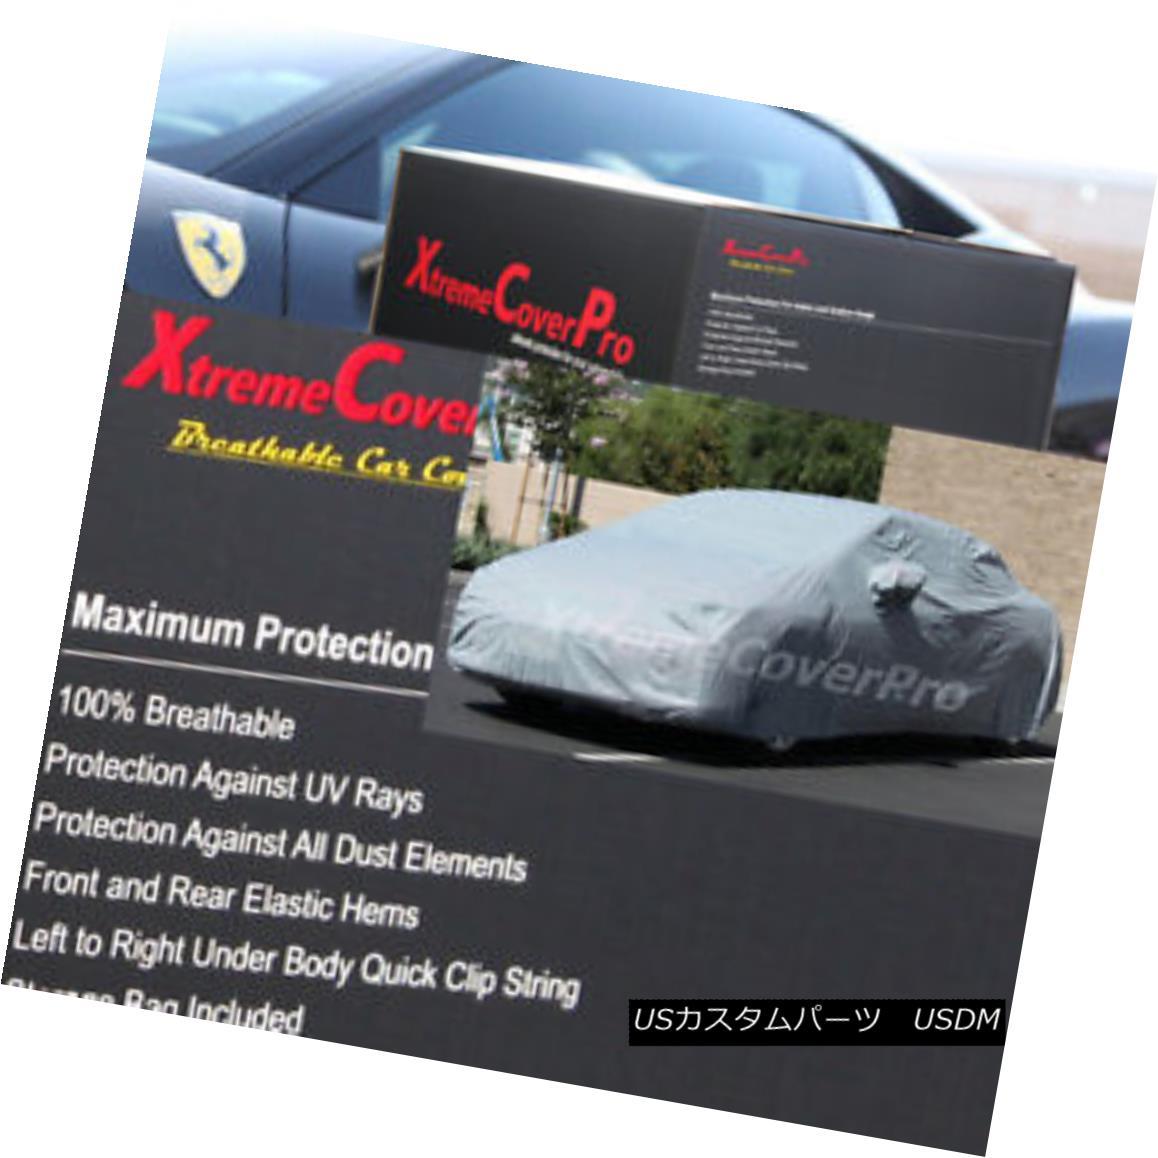 カーカバー 1991 1992 1993 Mitsubishi 3000GT Breathable Car Cover w/MirrorPocket 1991年1992年1993年三菱3000GT通気性車カバー付きMirrorPocket